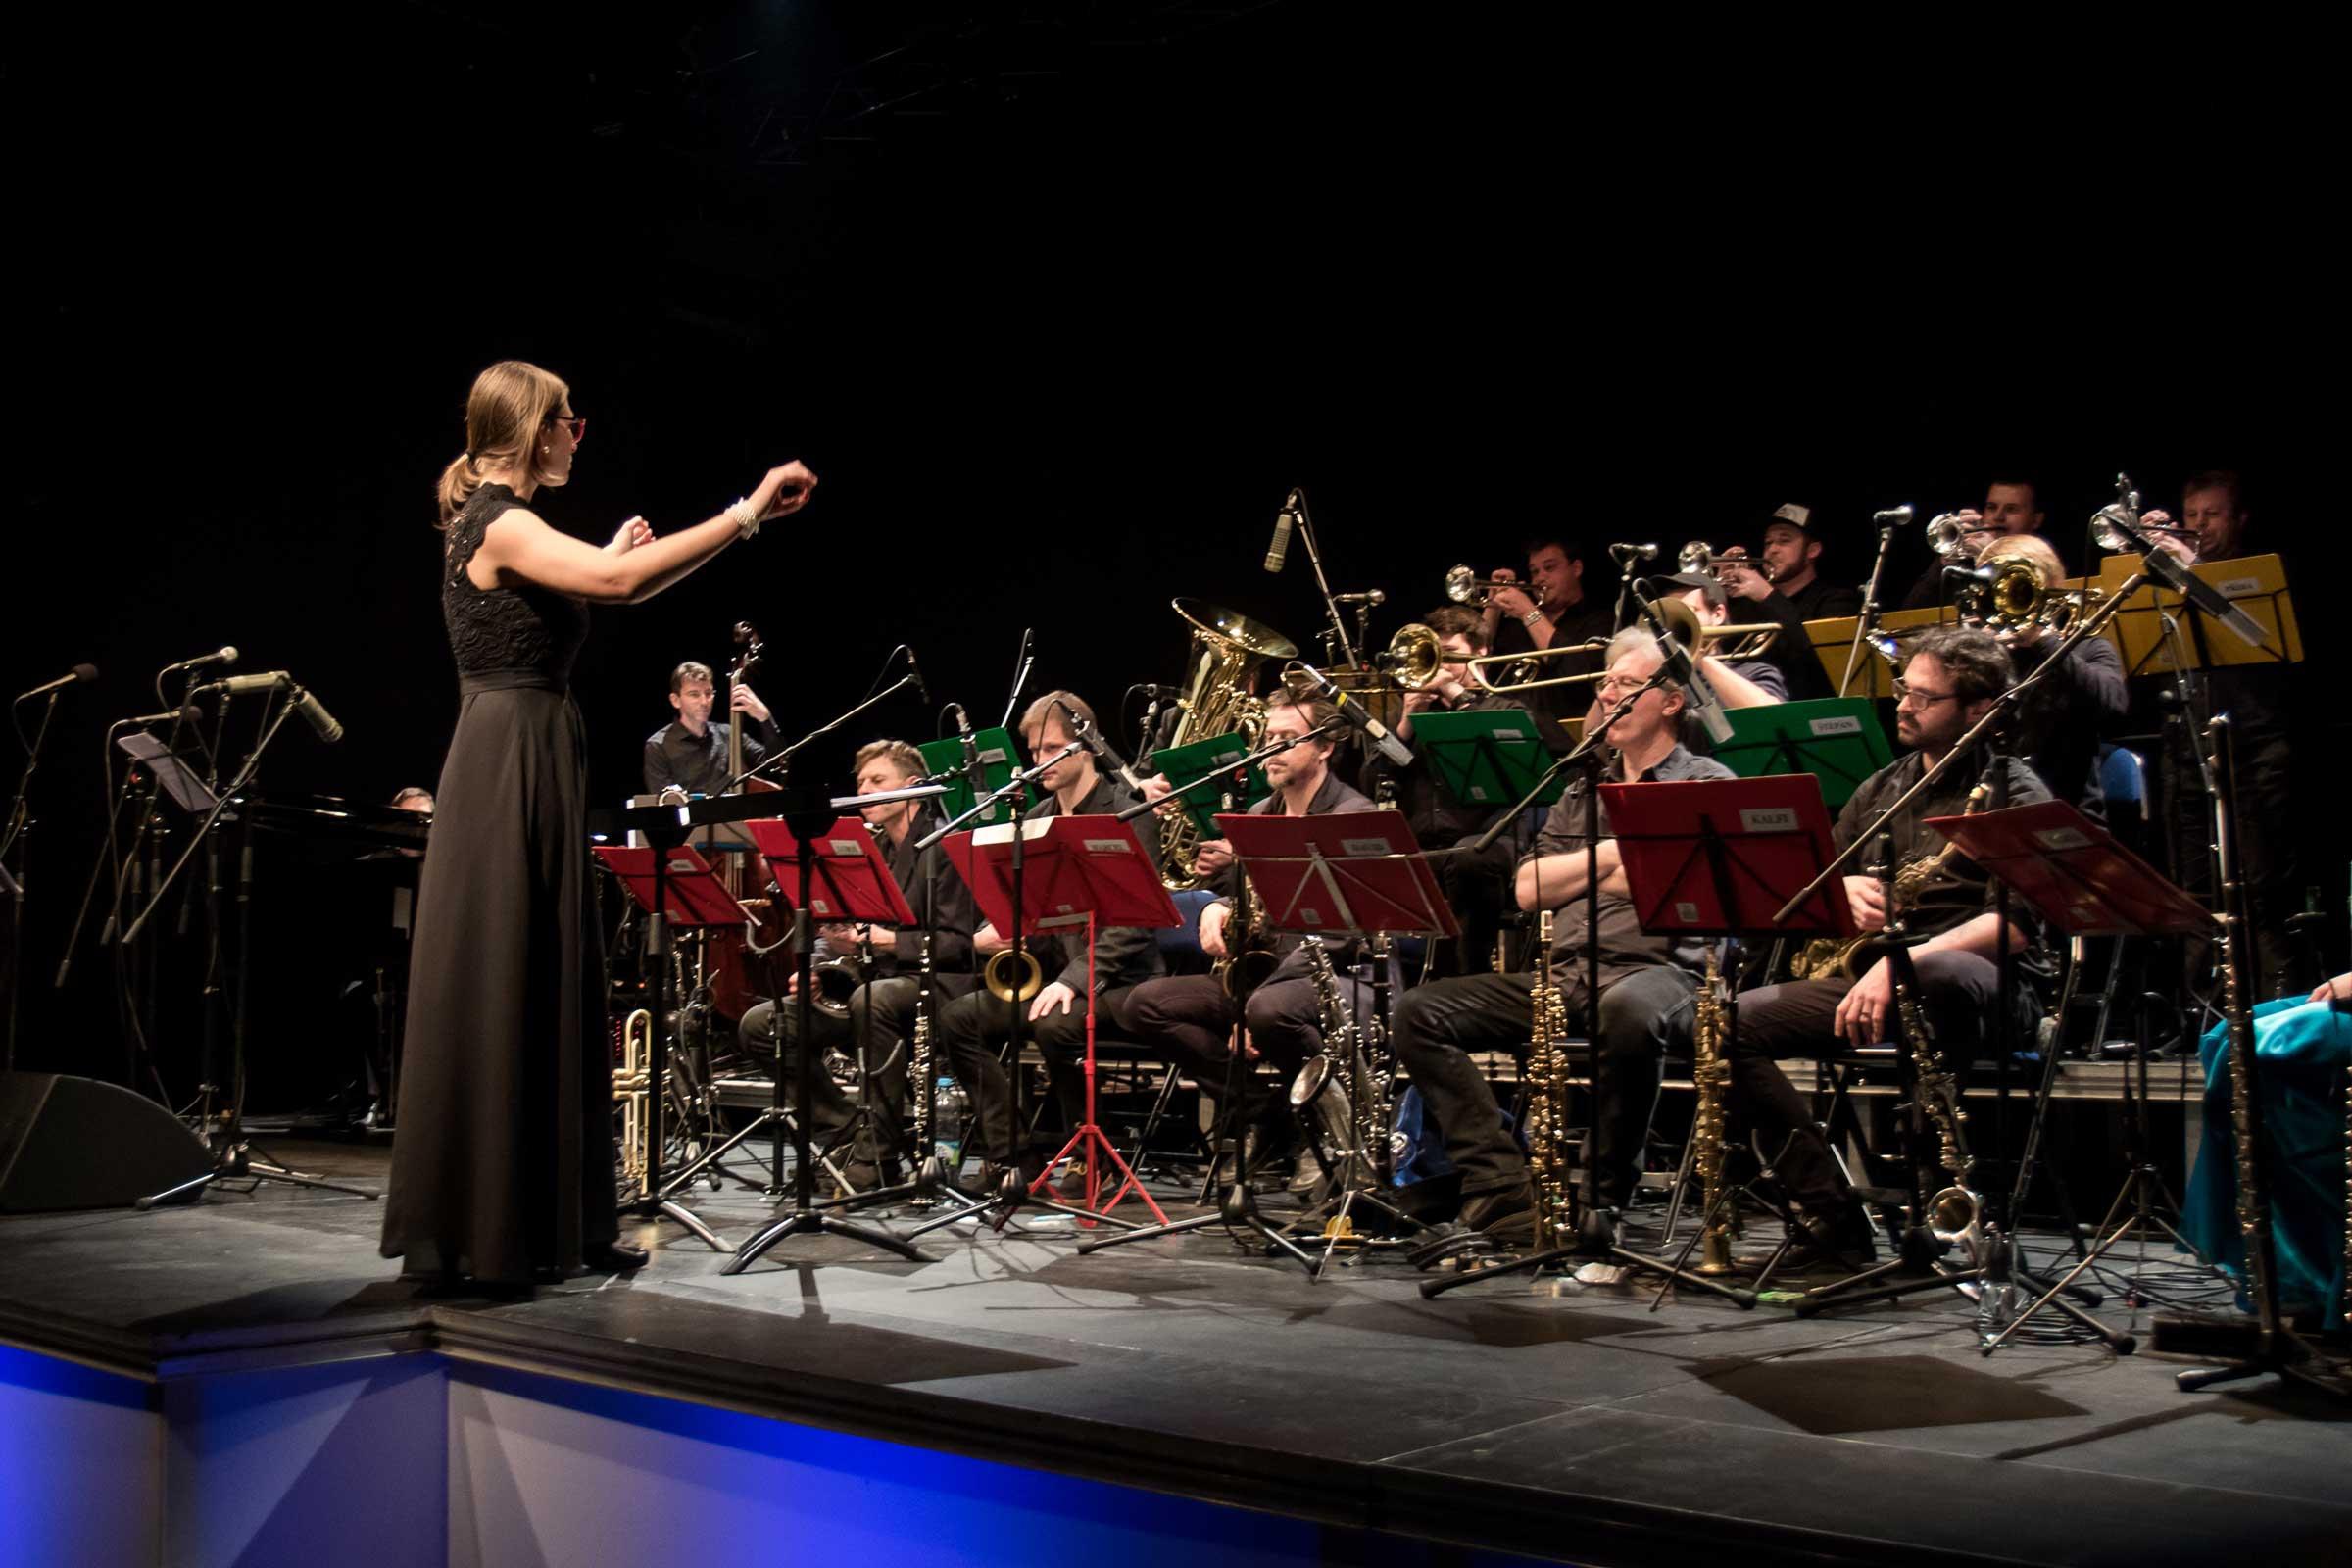 Vánoce s Concept Art Orchestra, diriguje Štěpánka Balcarová, foto Jan Tichý